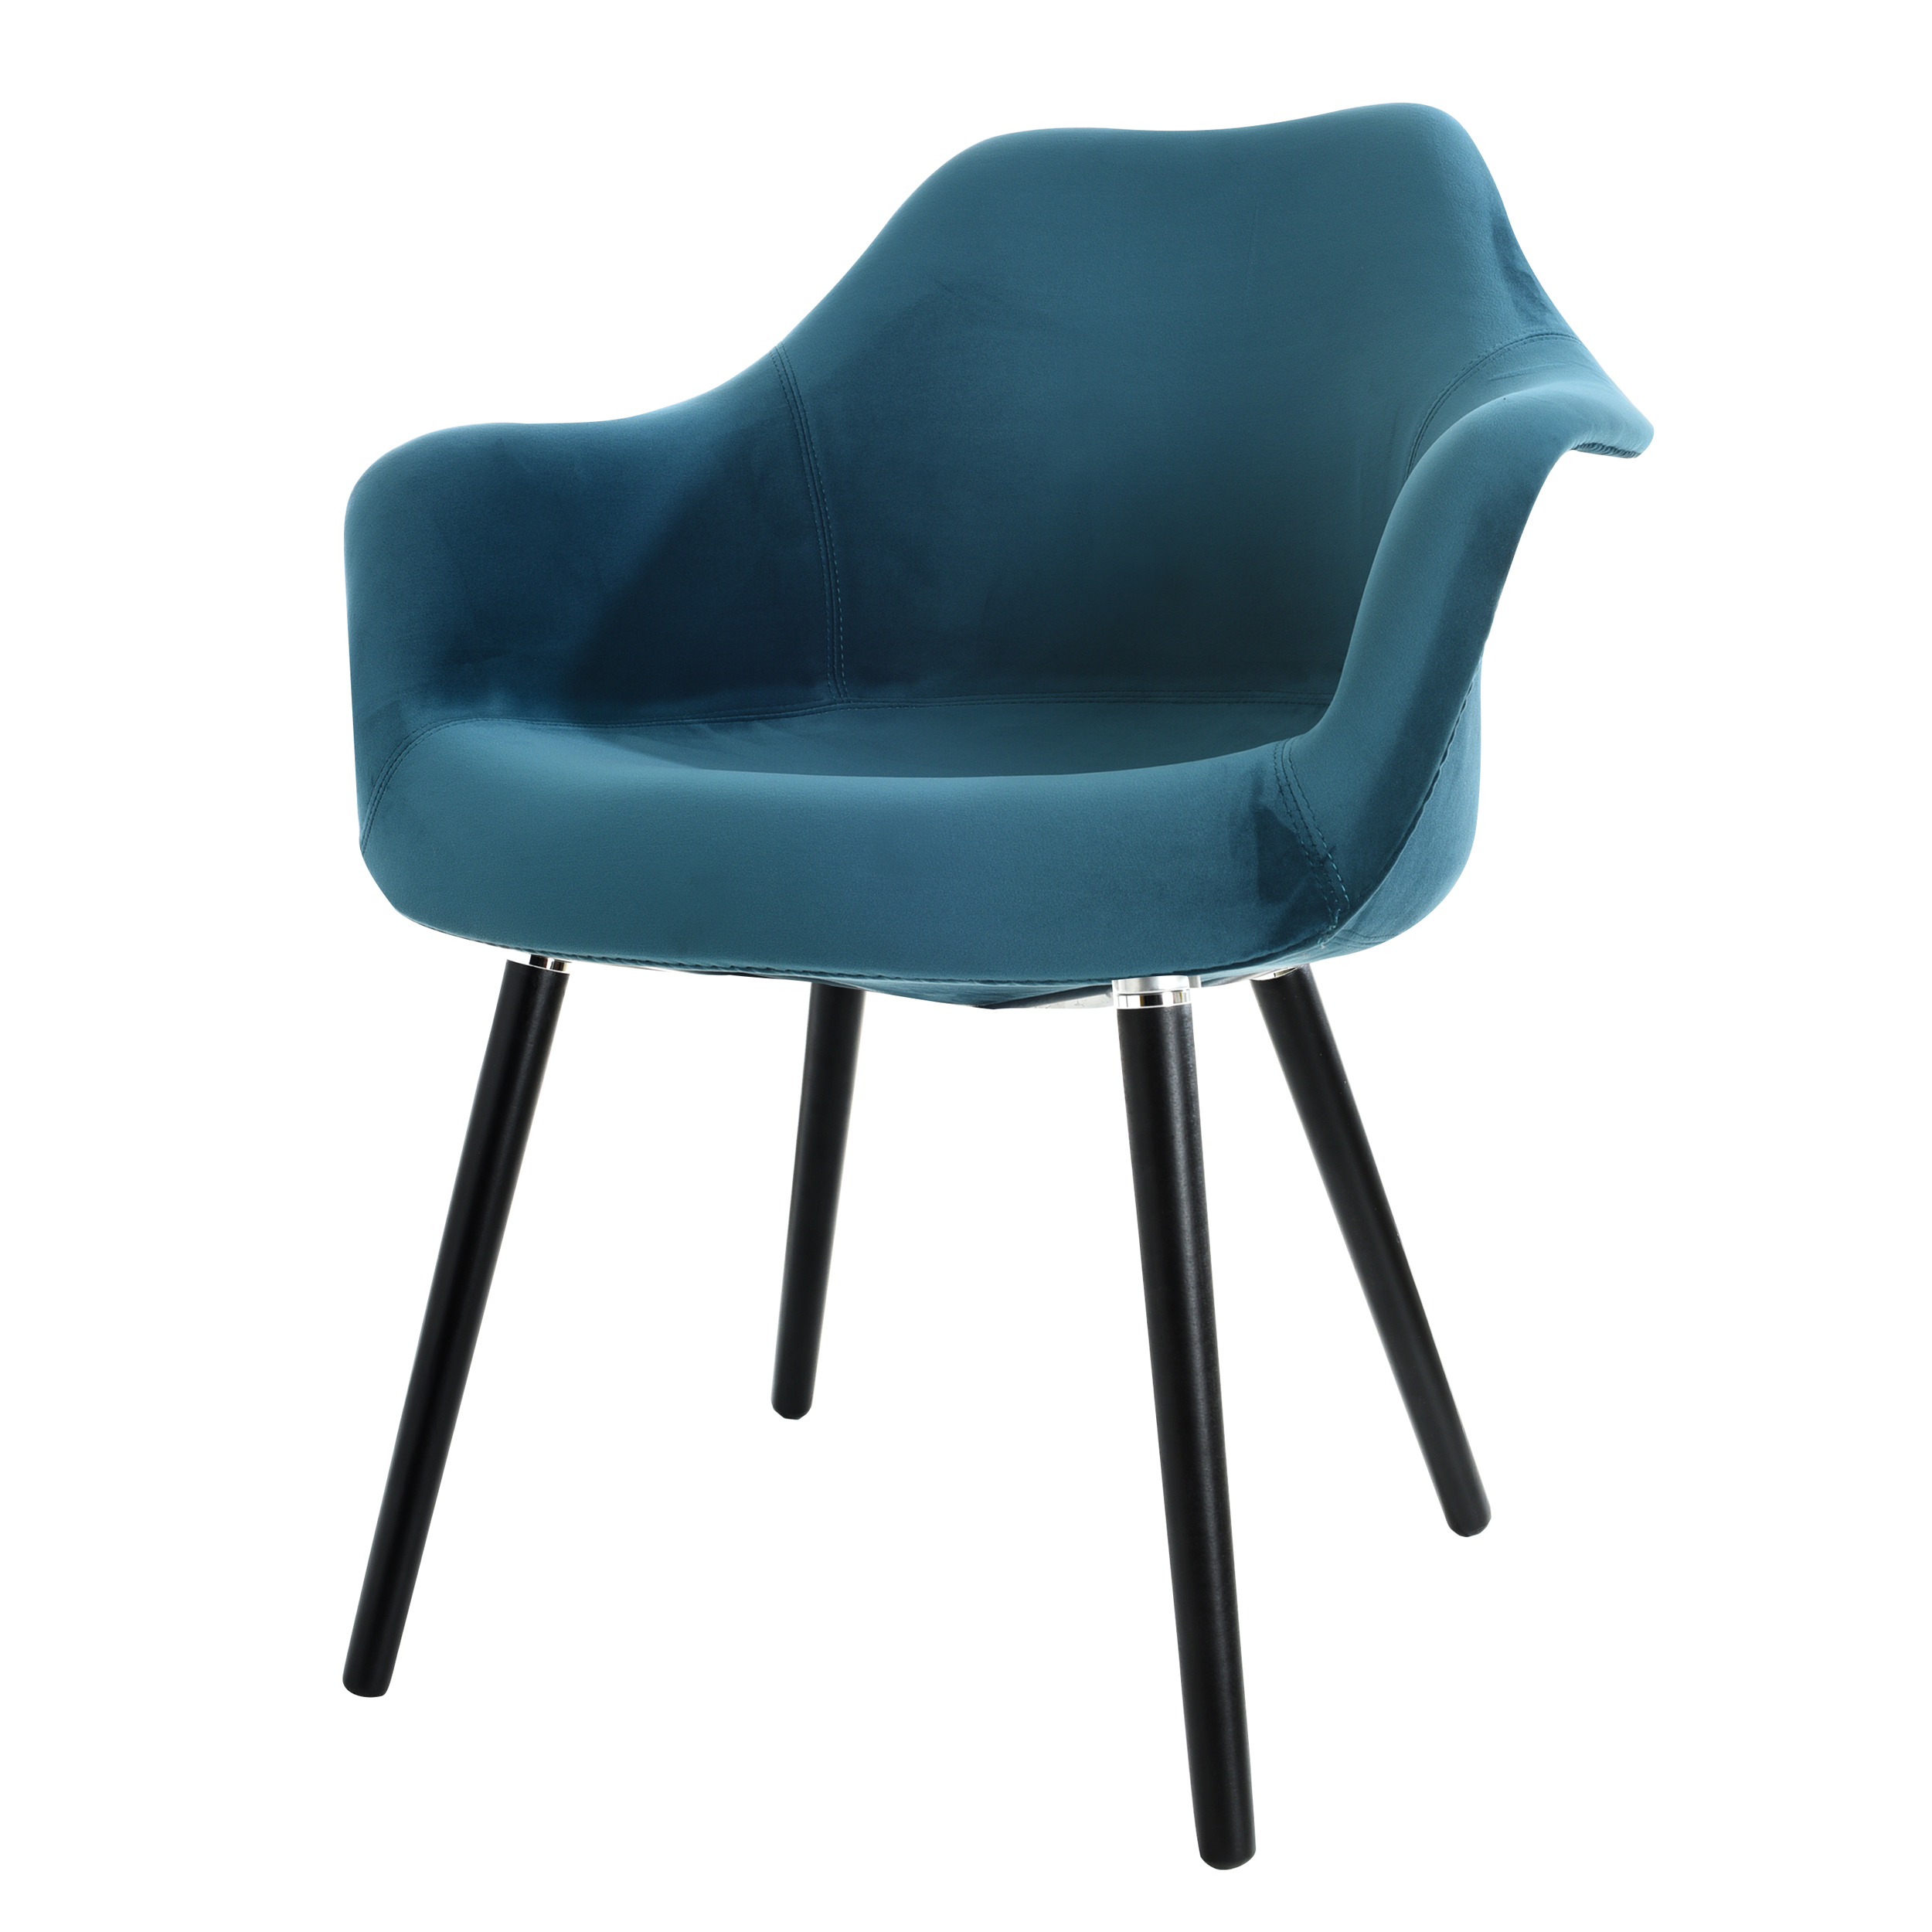 Chaise en velours bleu canard